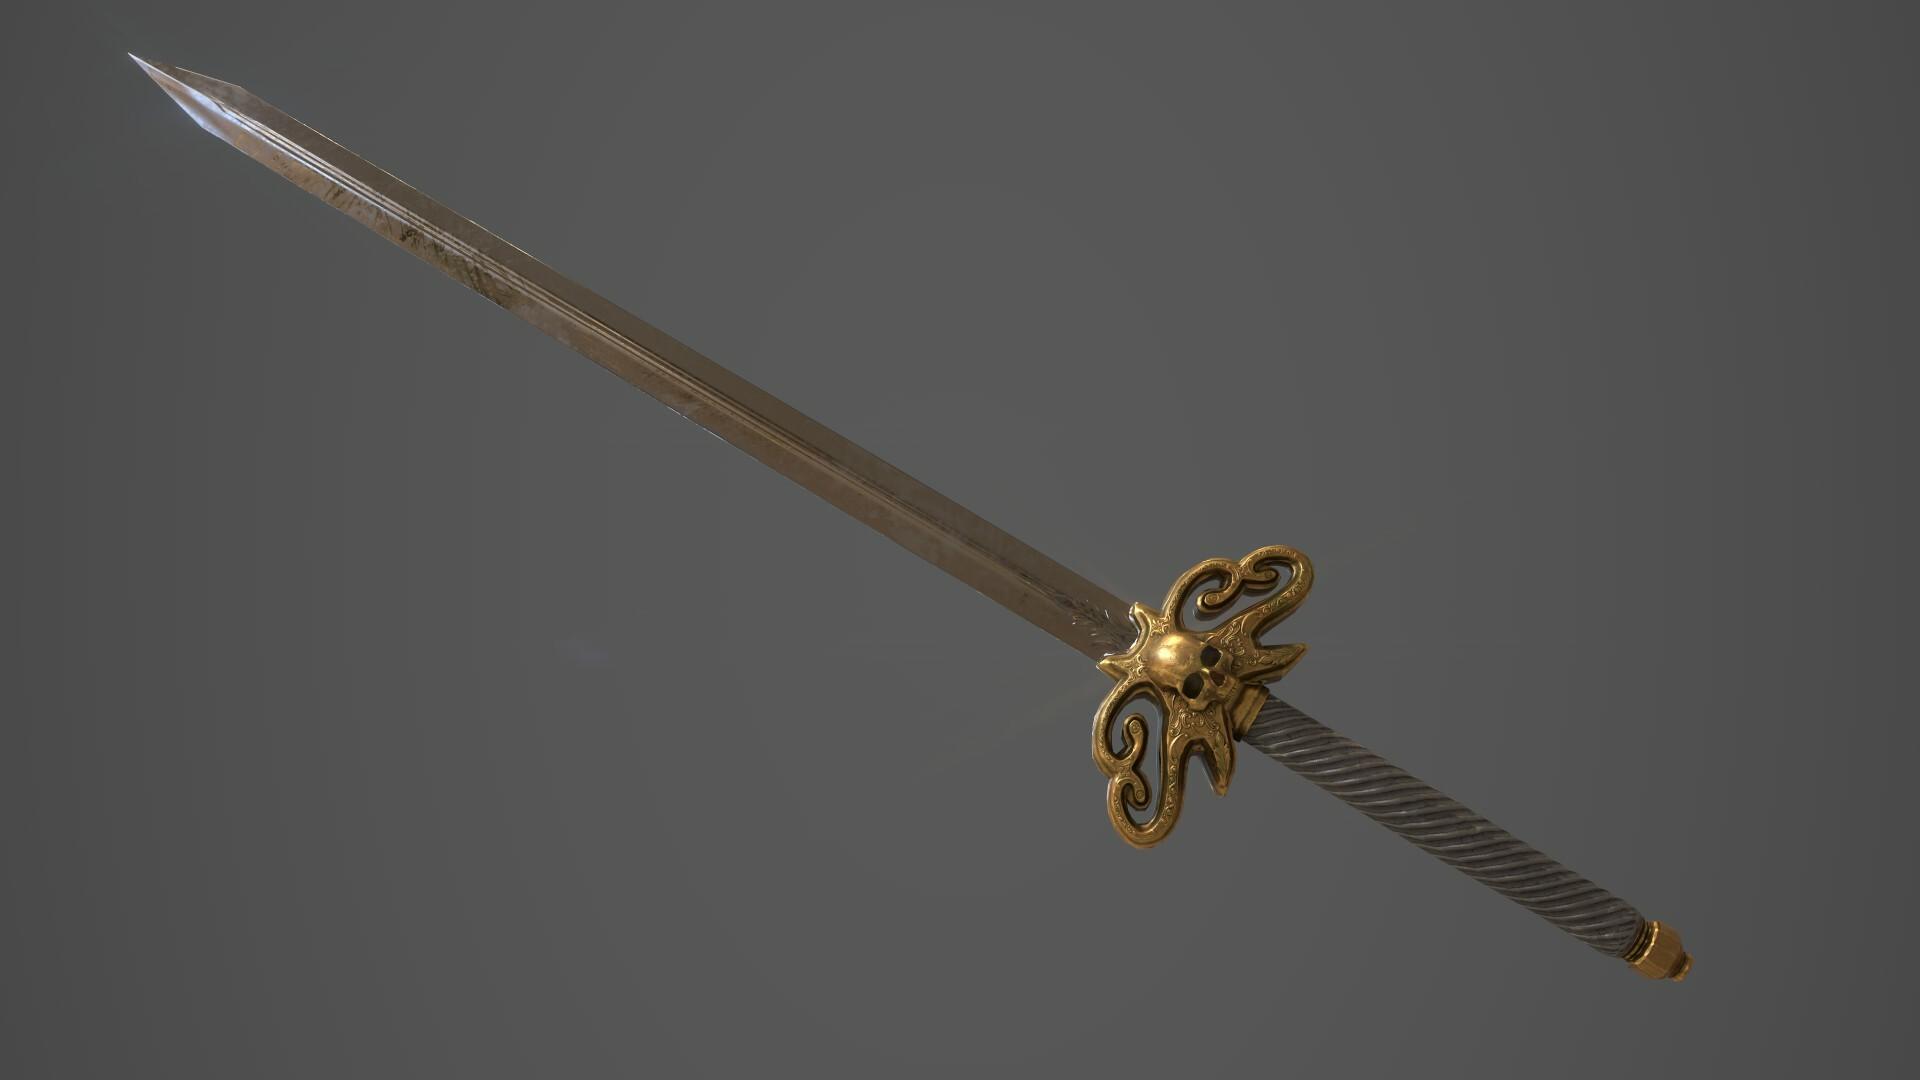 Sebastian ludke sword 001